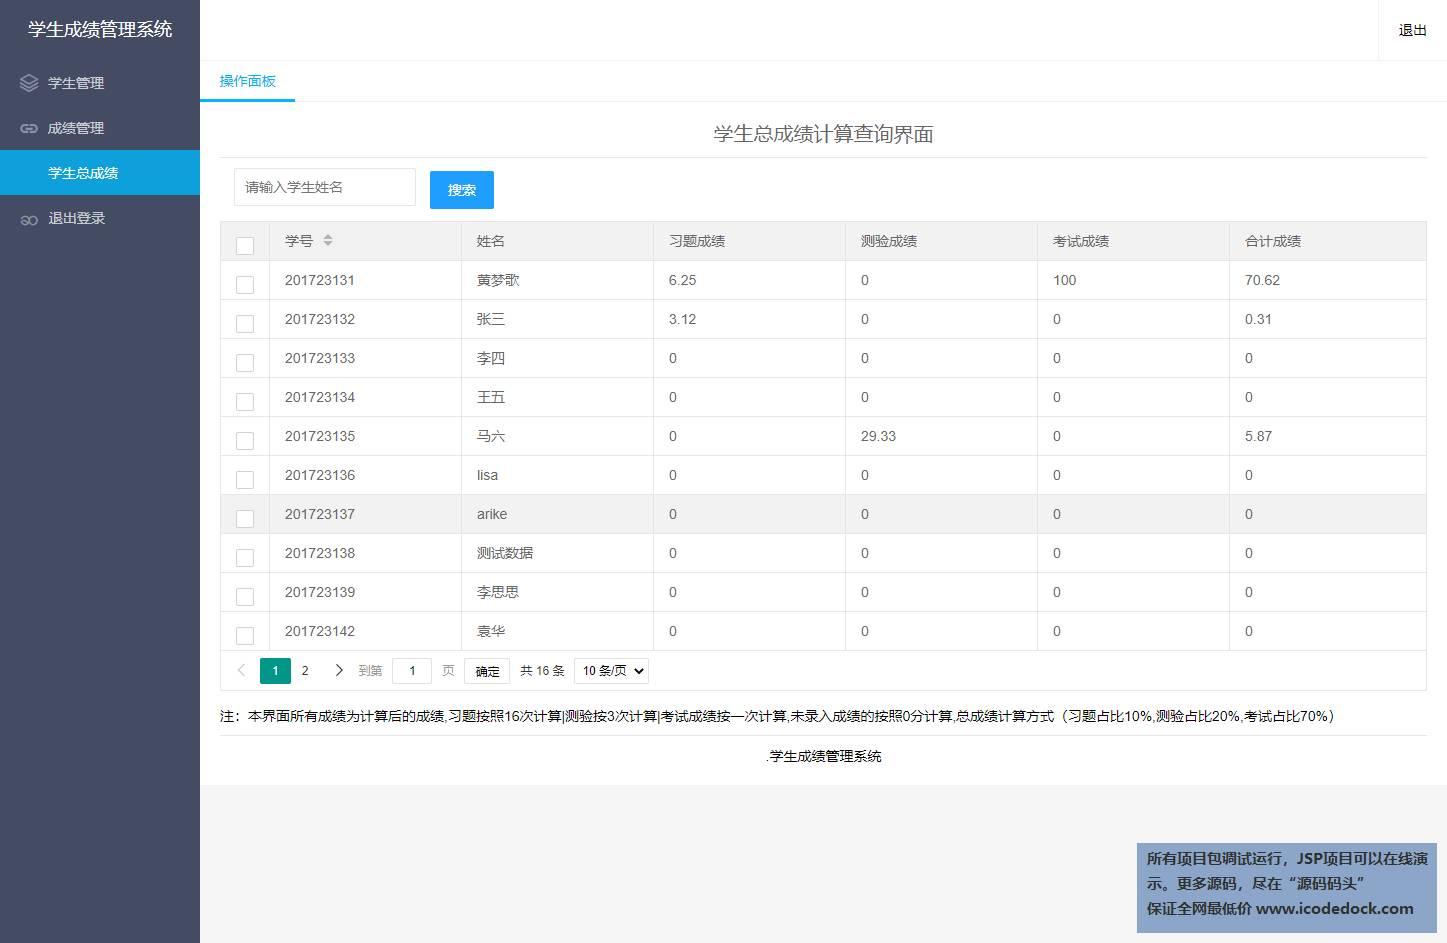 源码码头-Springboot简单学生成绩信息管理系统-教师角色-查看总成绩